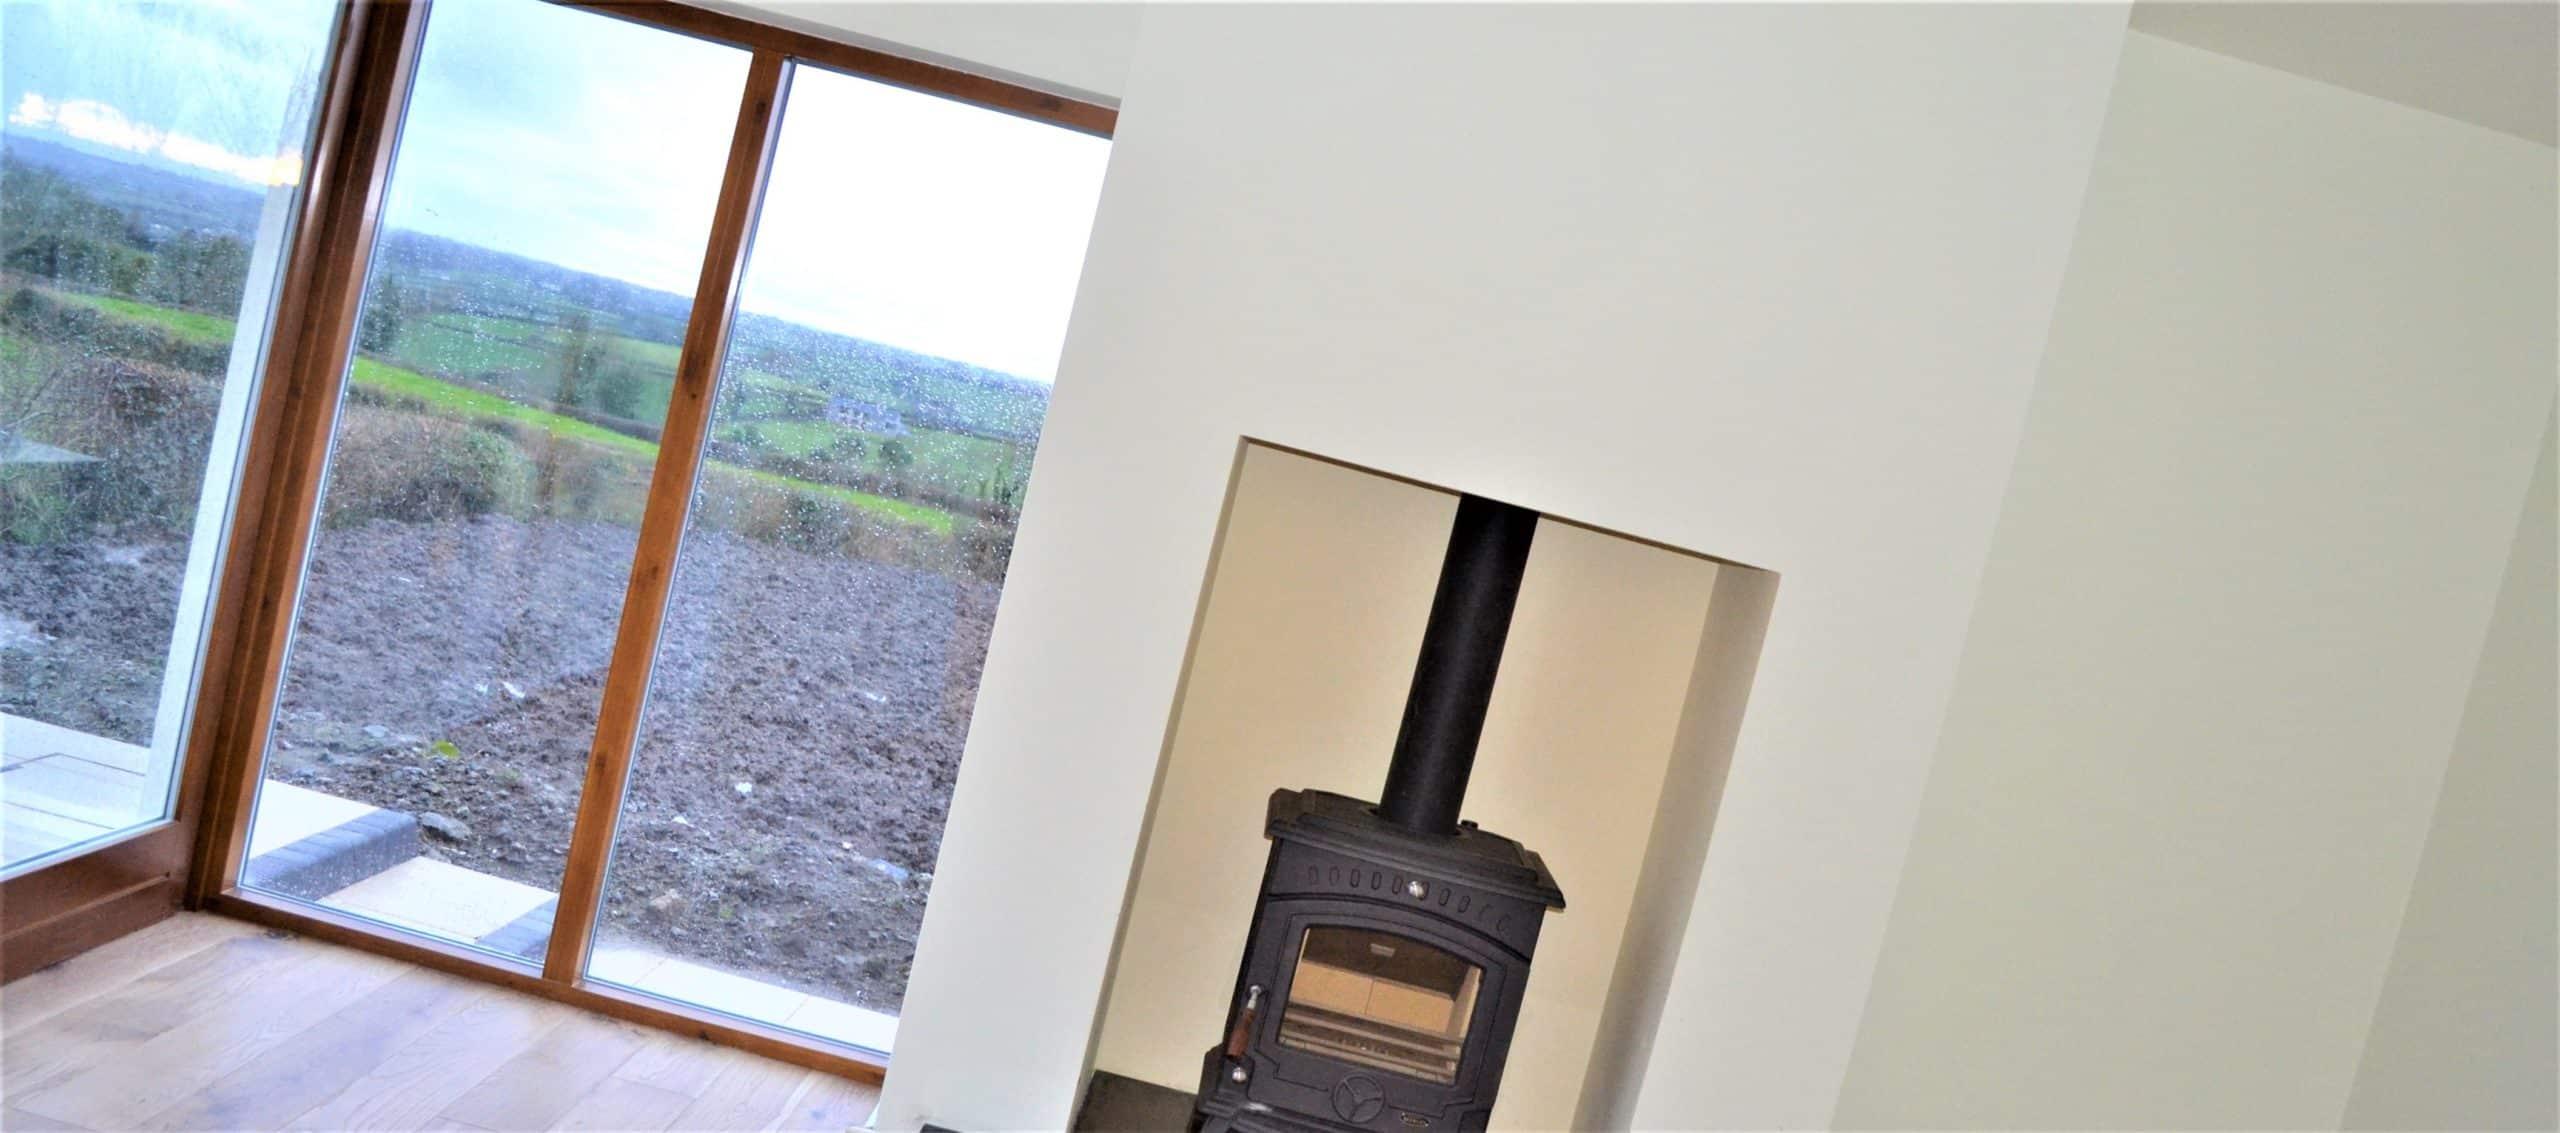 Quigg Dwelling - Corner Window & Stove In Snug